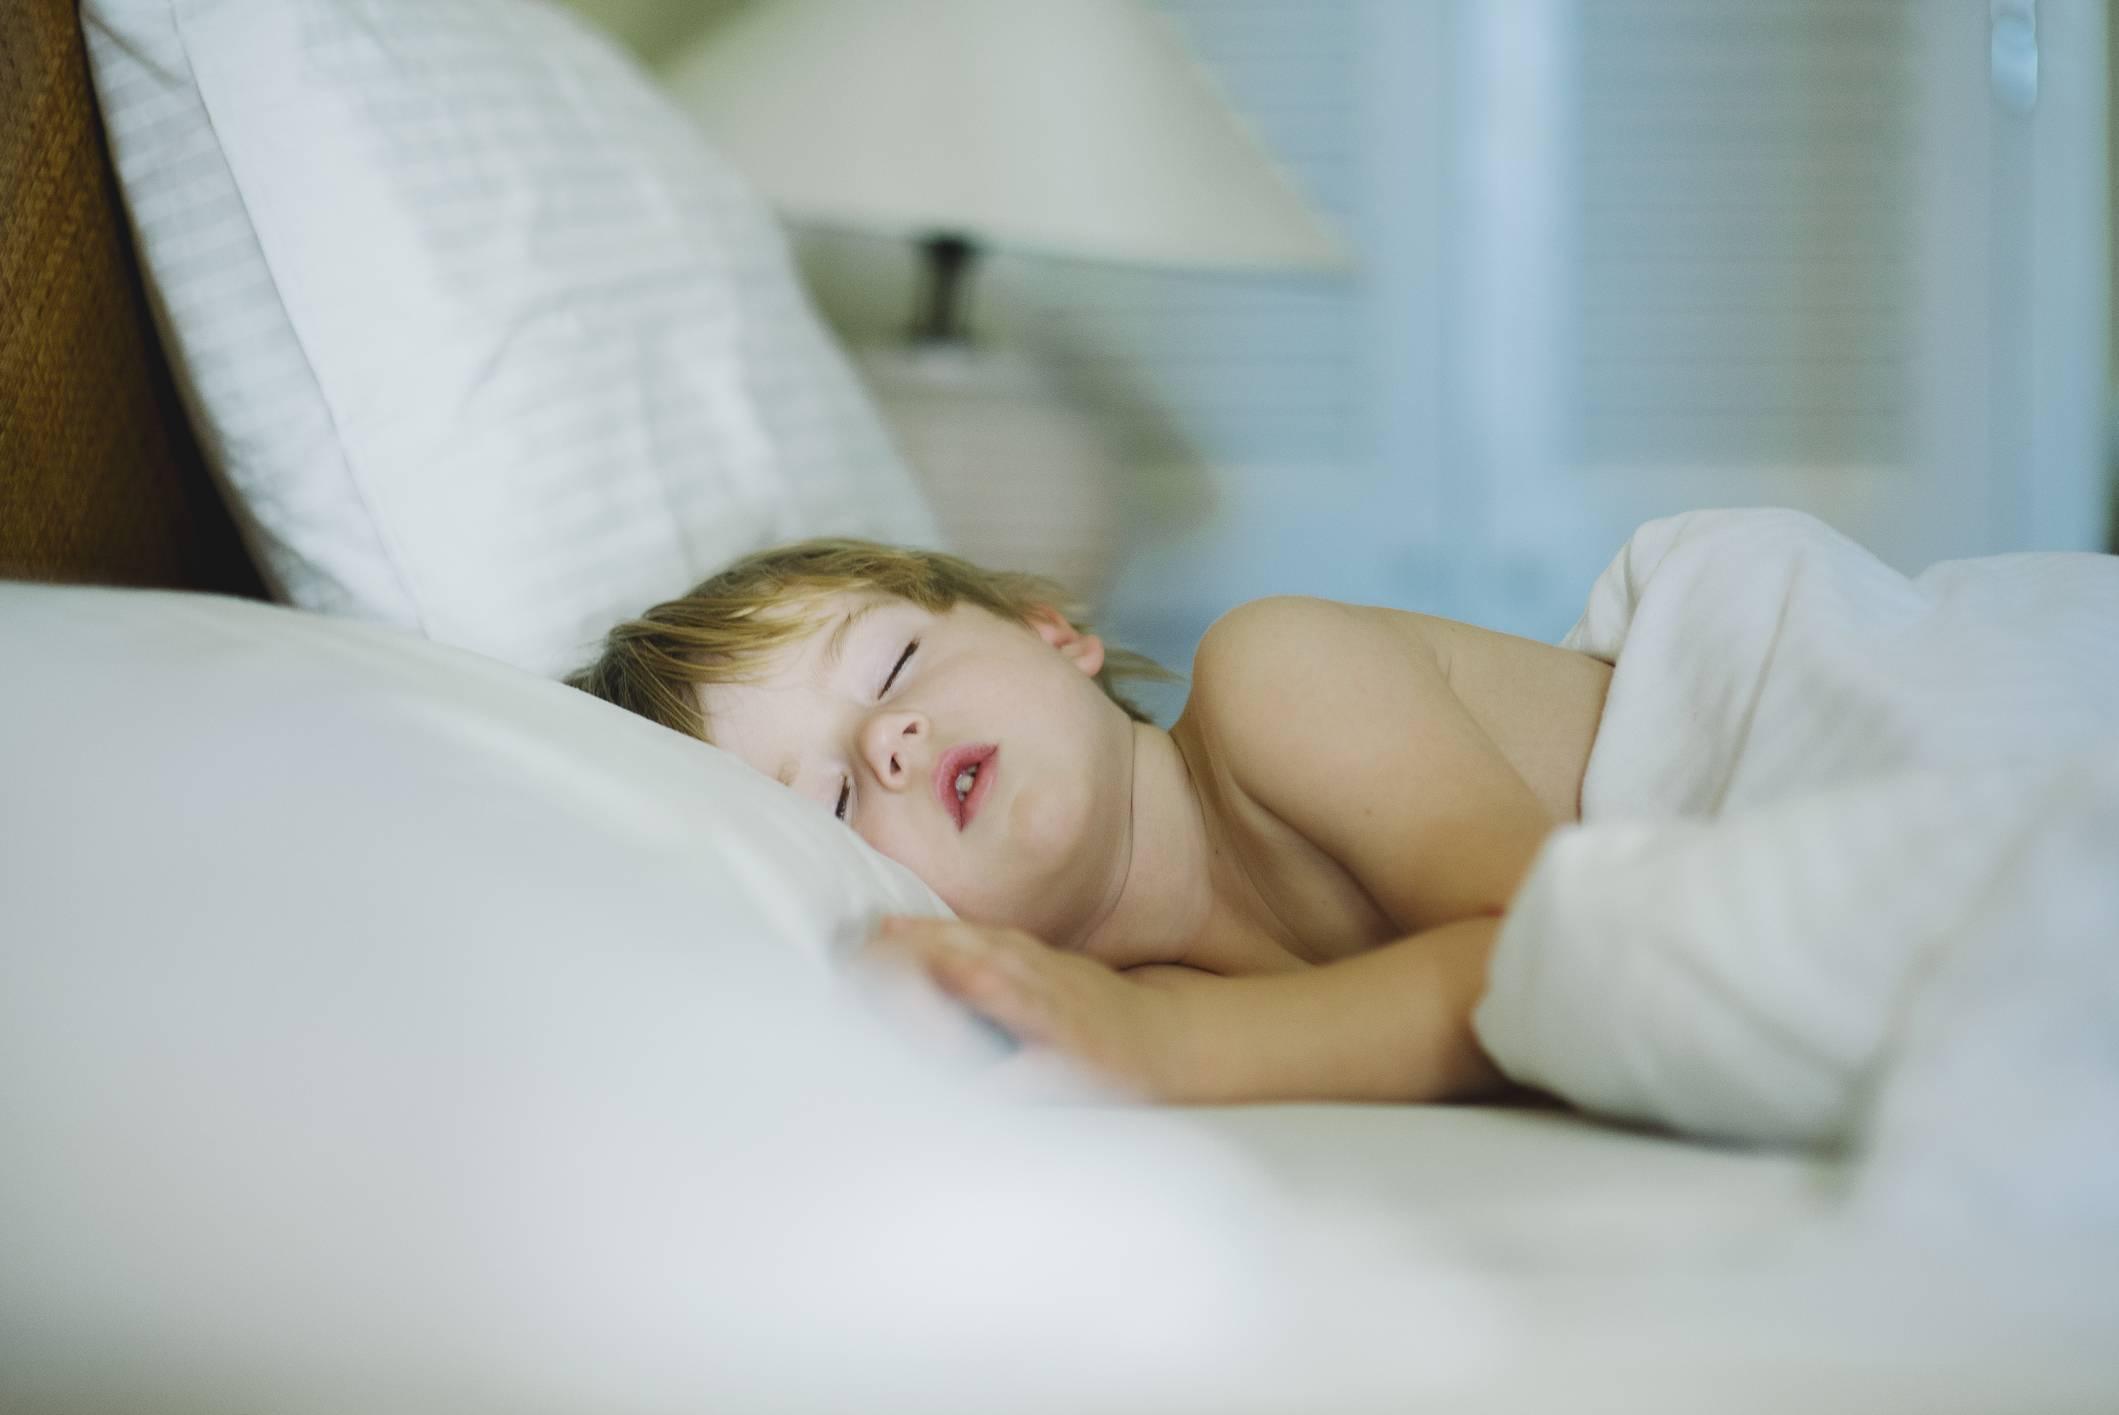 Почему ребенок скрипит зубами во сне - причины и симптомы